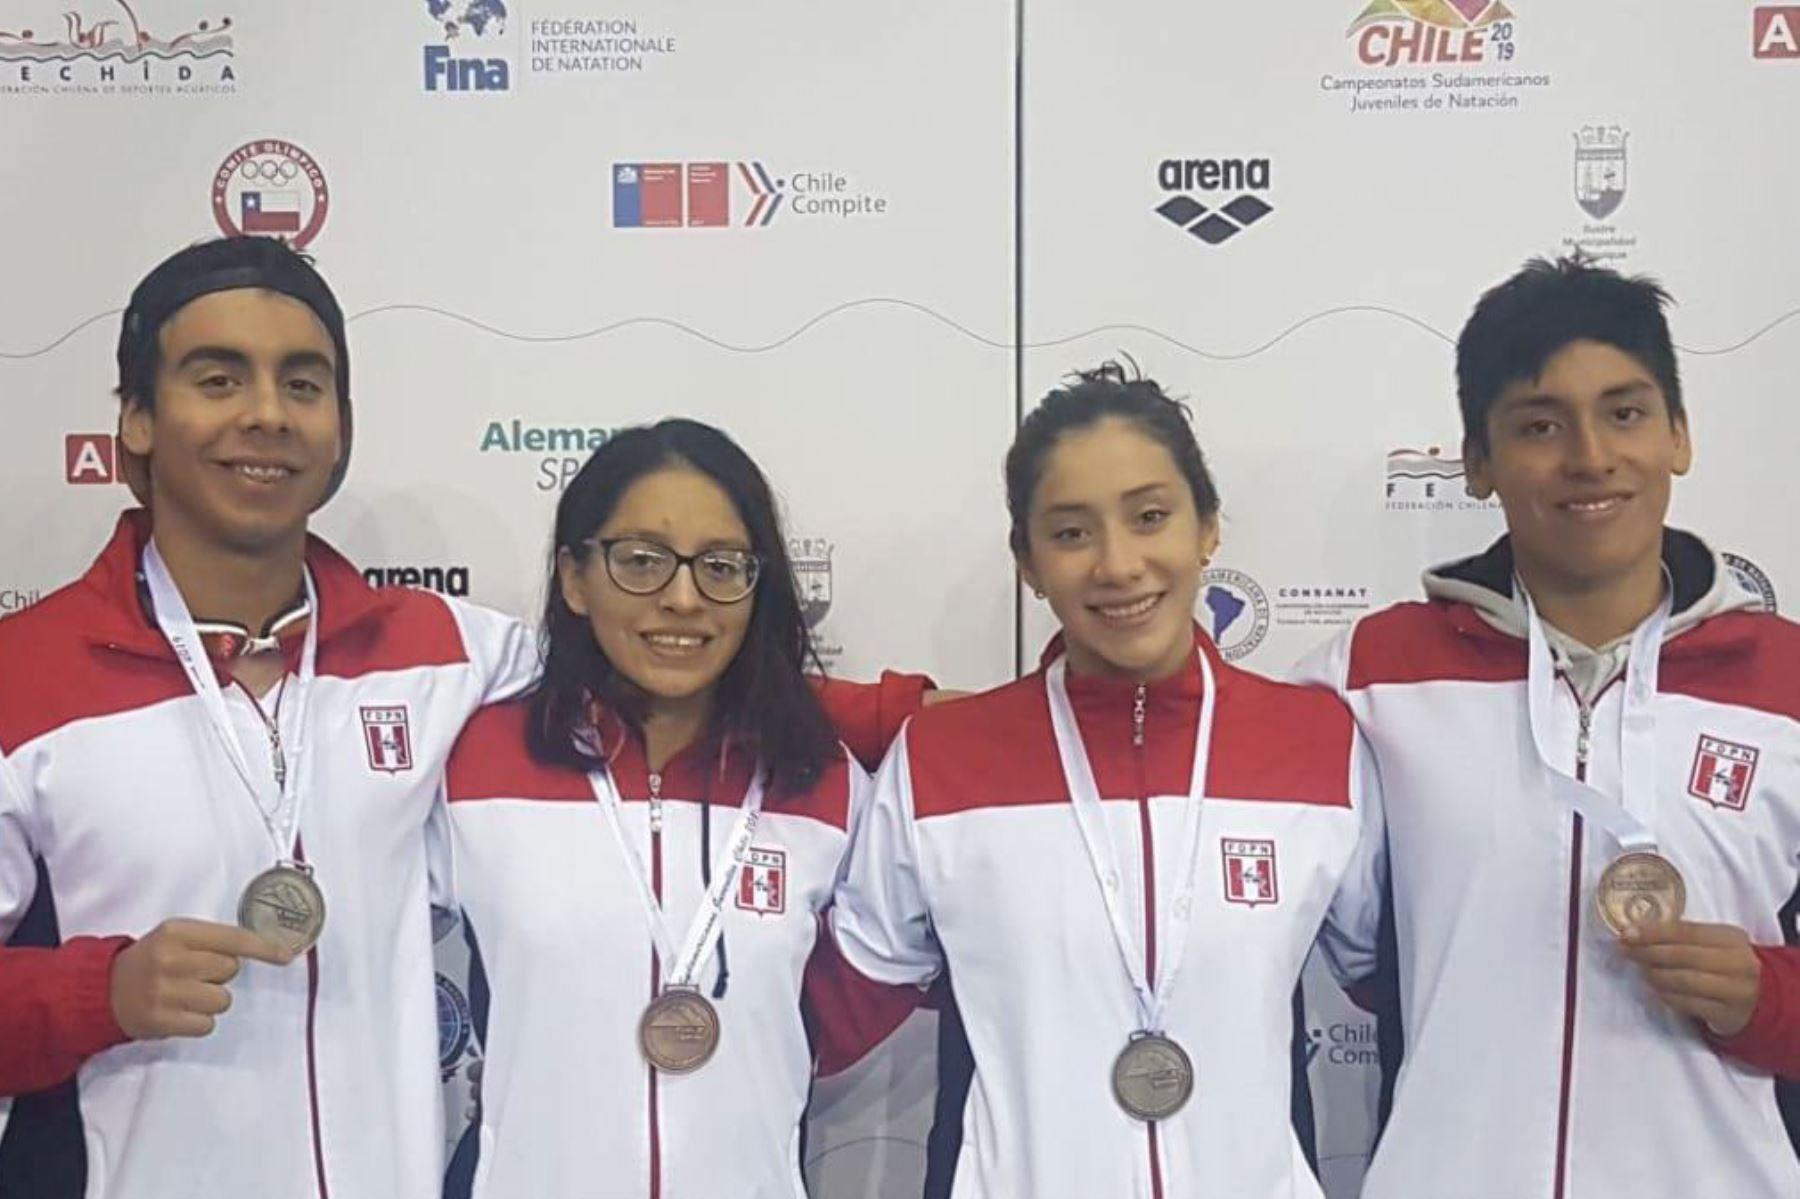 Perú obtiene dos medallas de plata y dos de bronce en Campeonato Sudamericano Juvenil de Natación que se desarrolla en Chile.